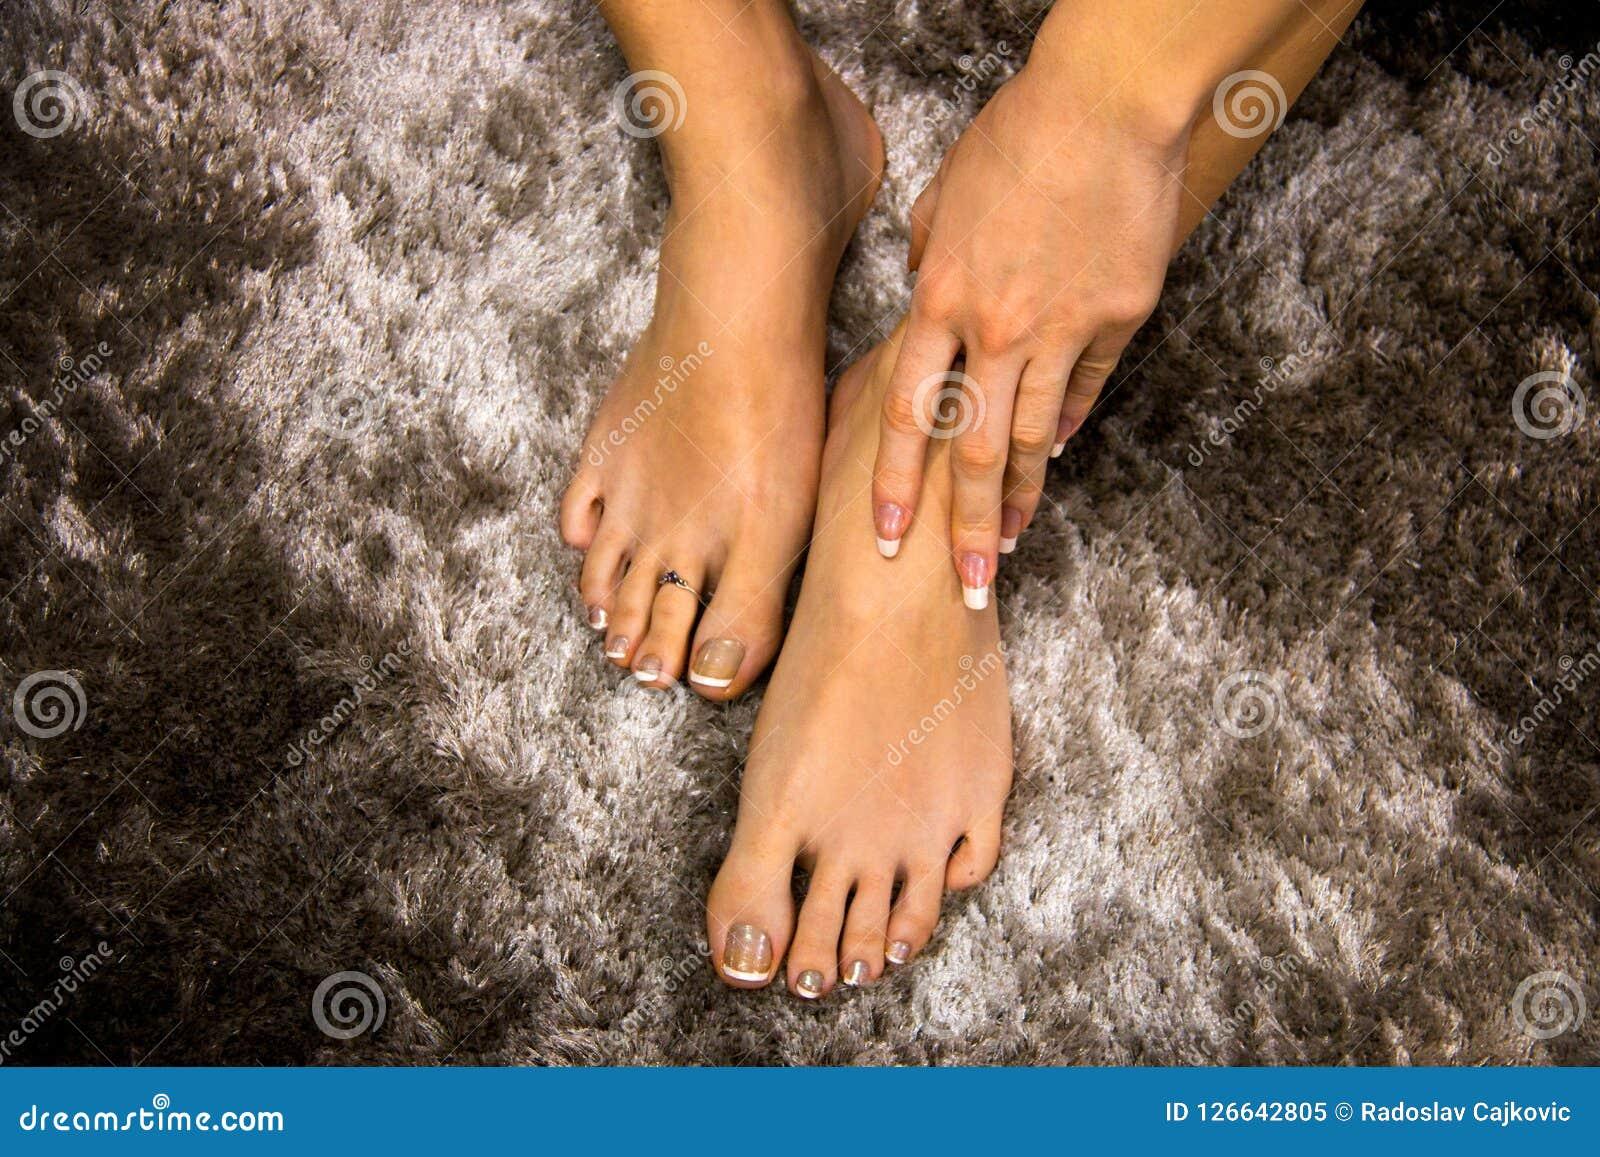 Fille noire pieds sexe